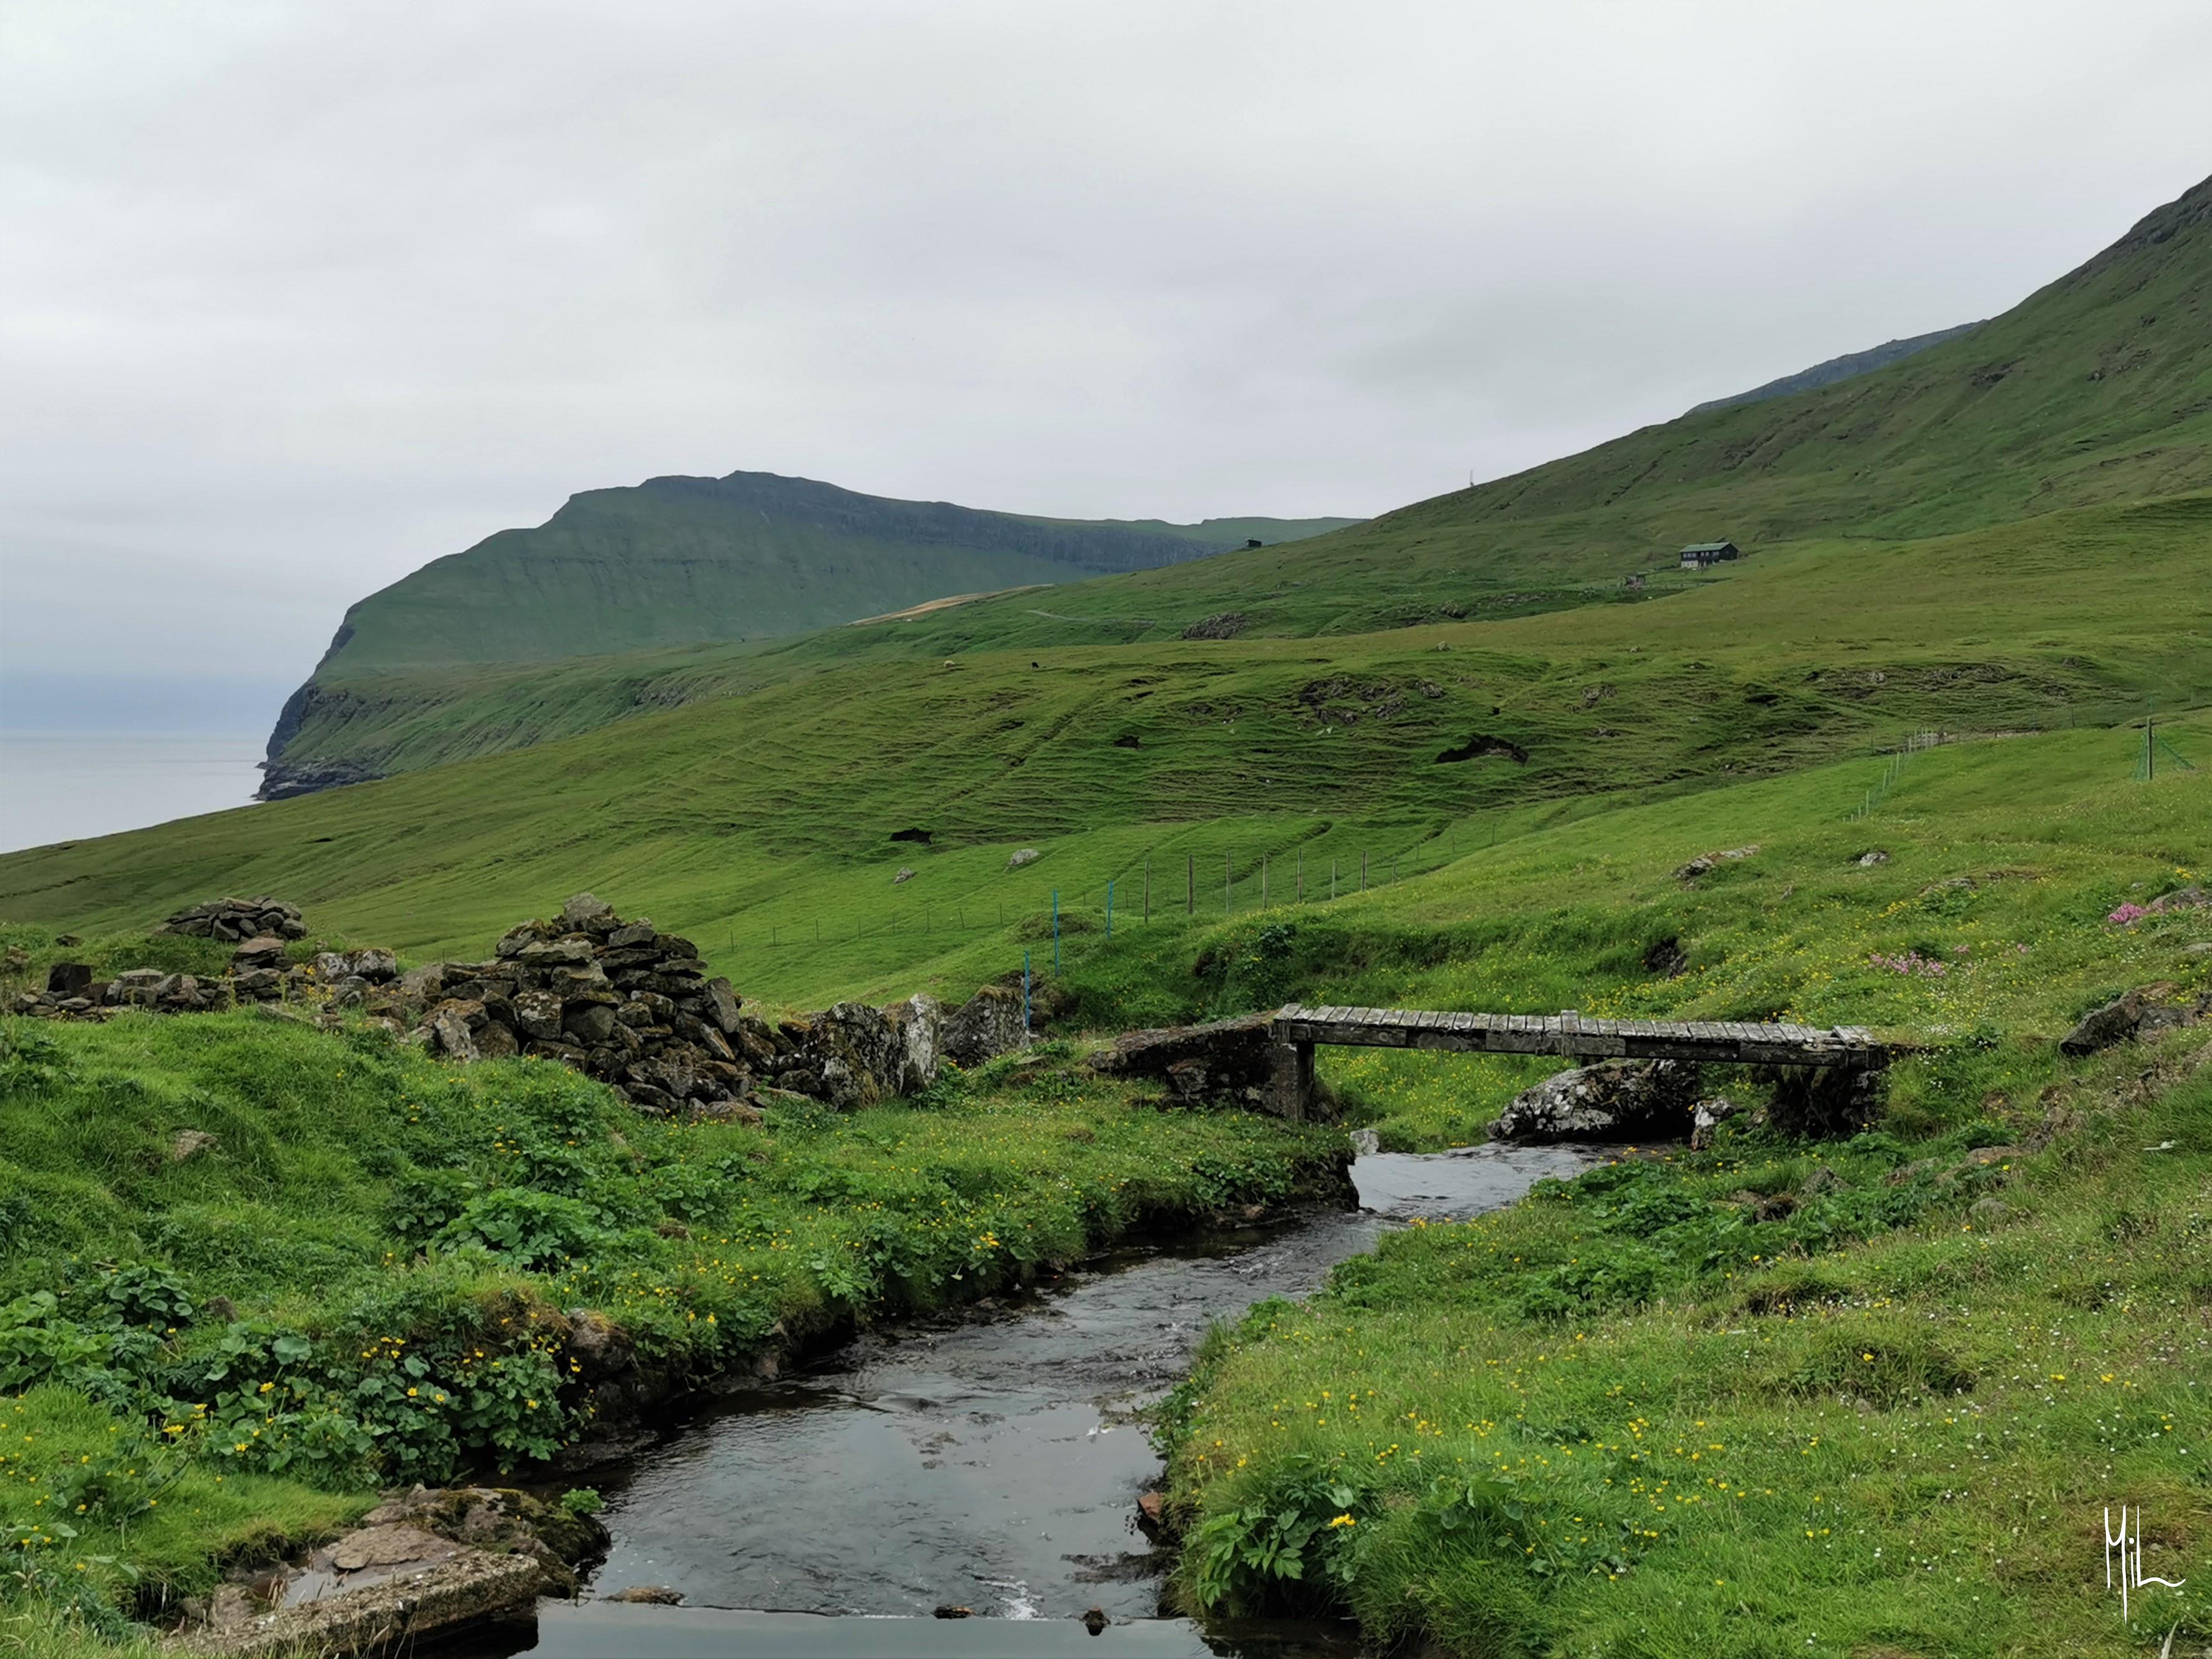 Norðradalur